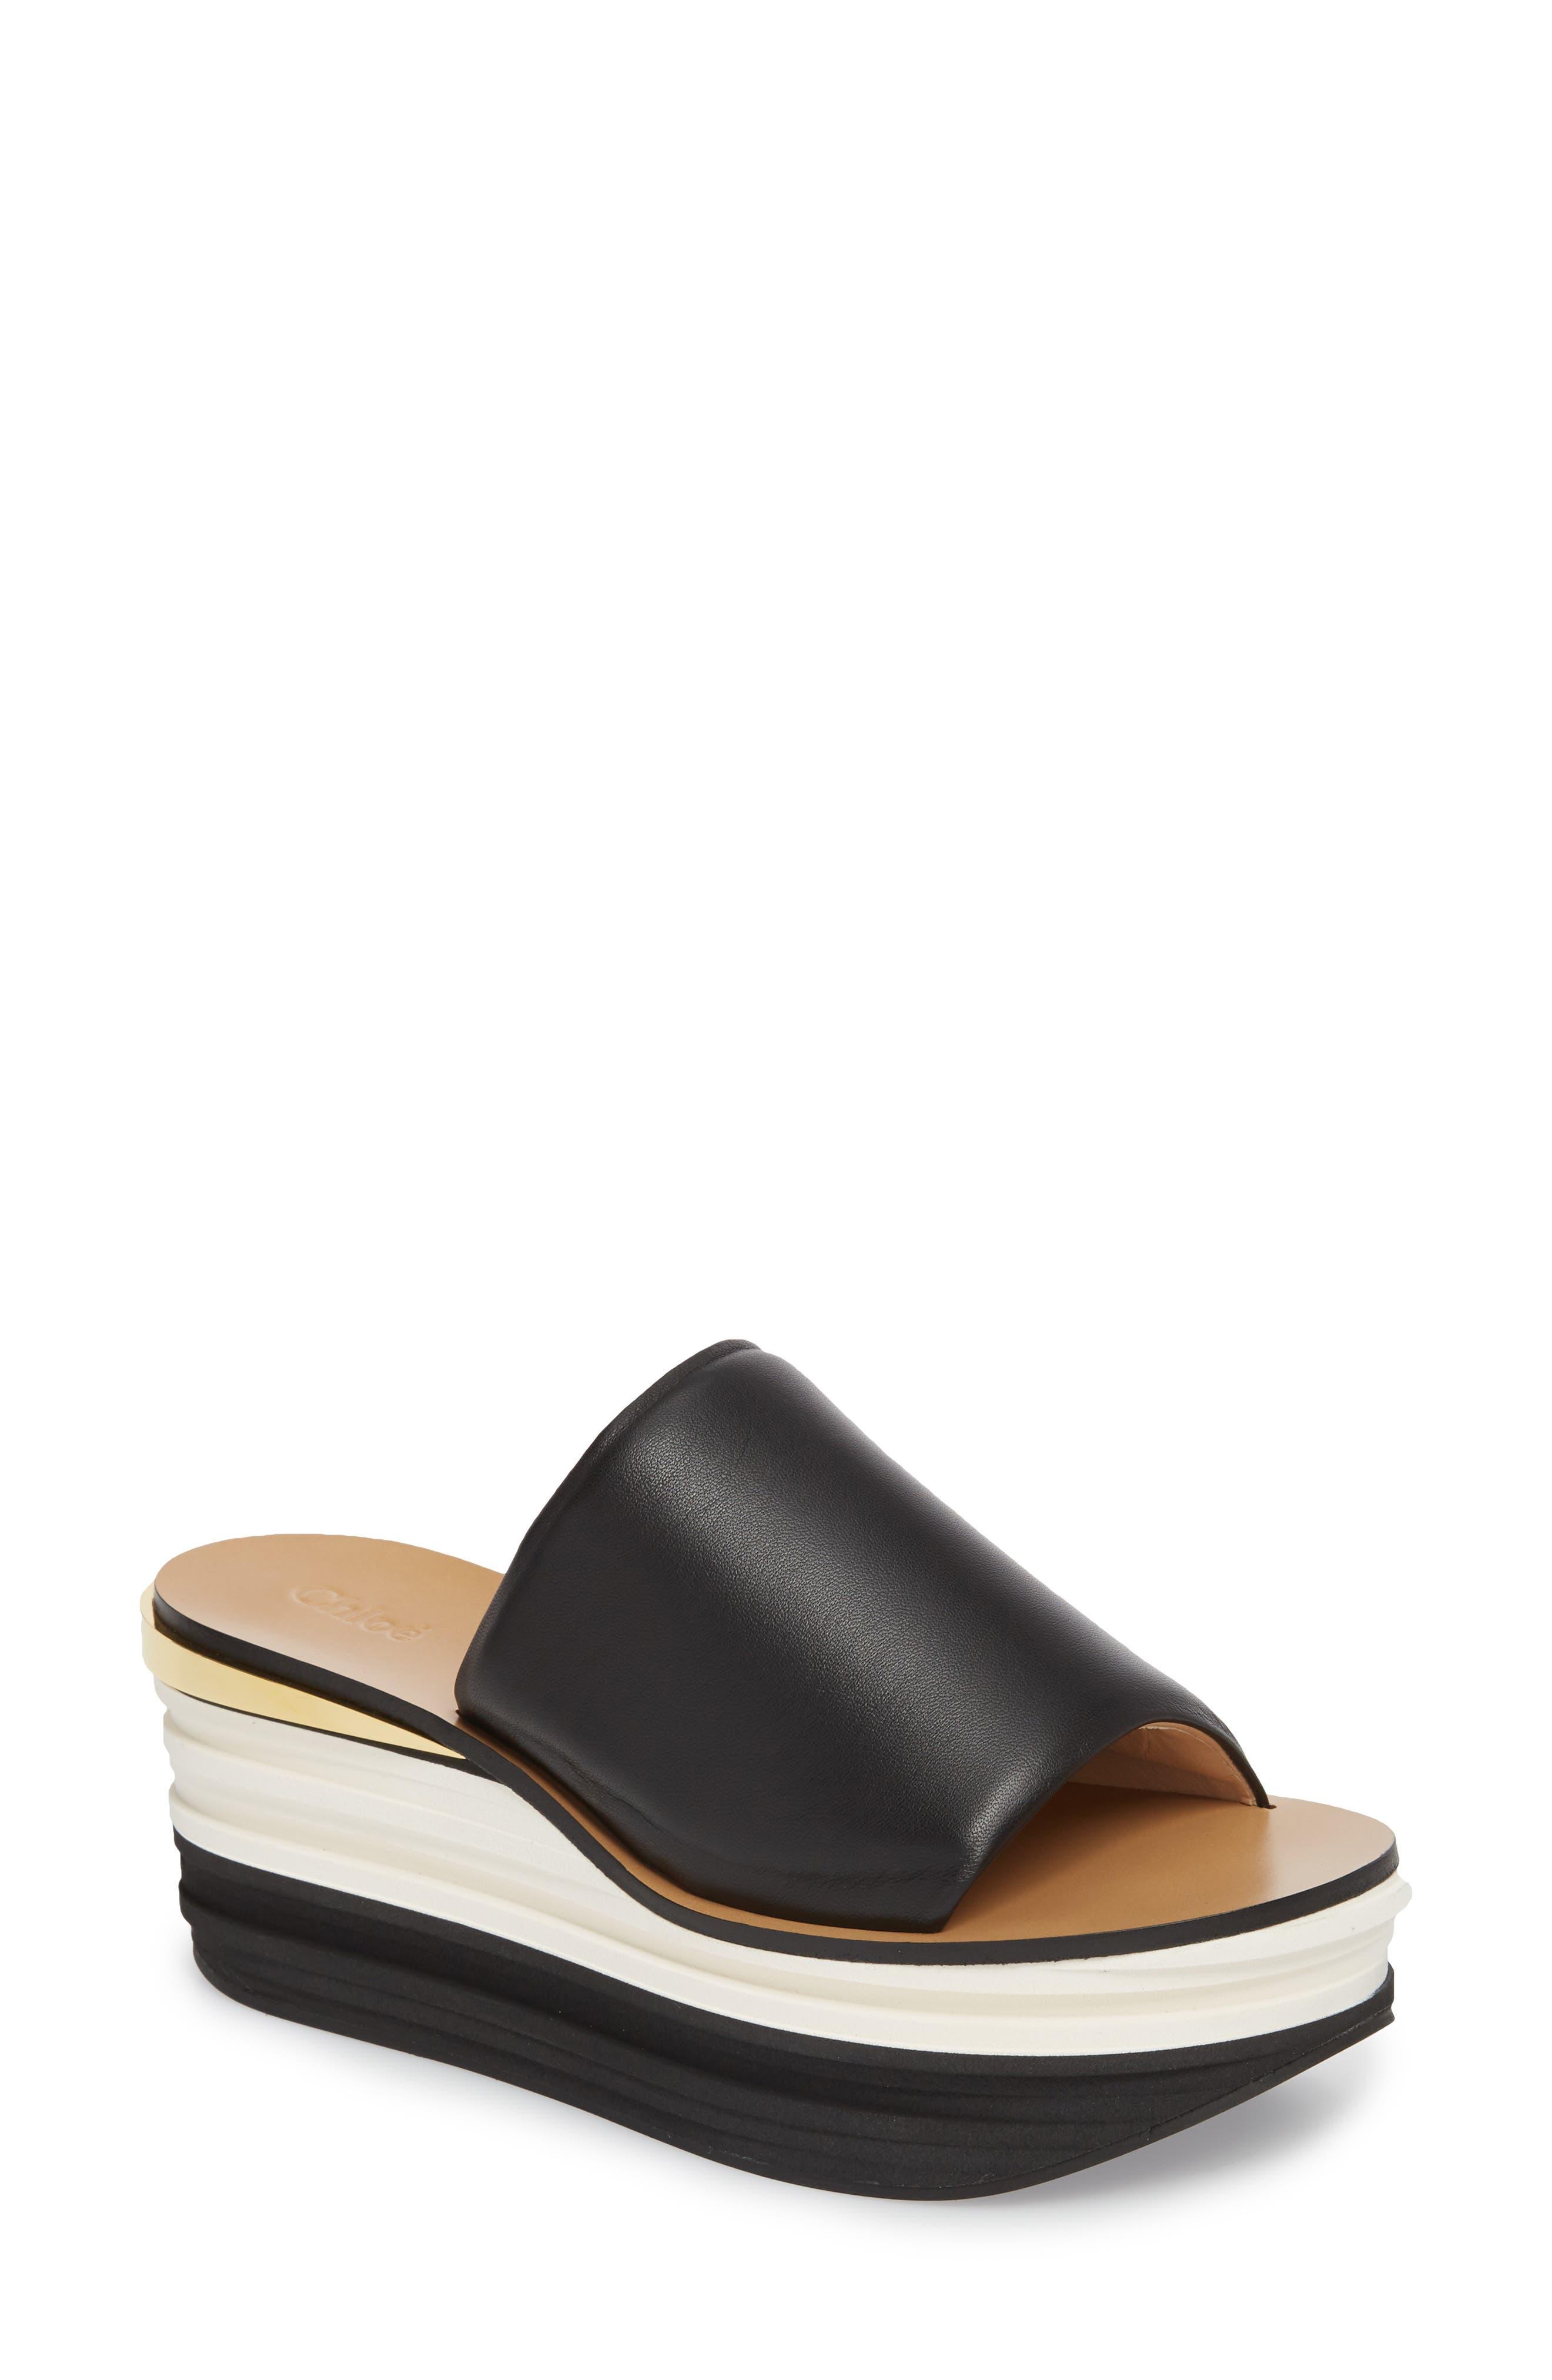 Camille Platform Sandal,                         Main,                         color, BLACK